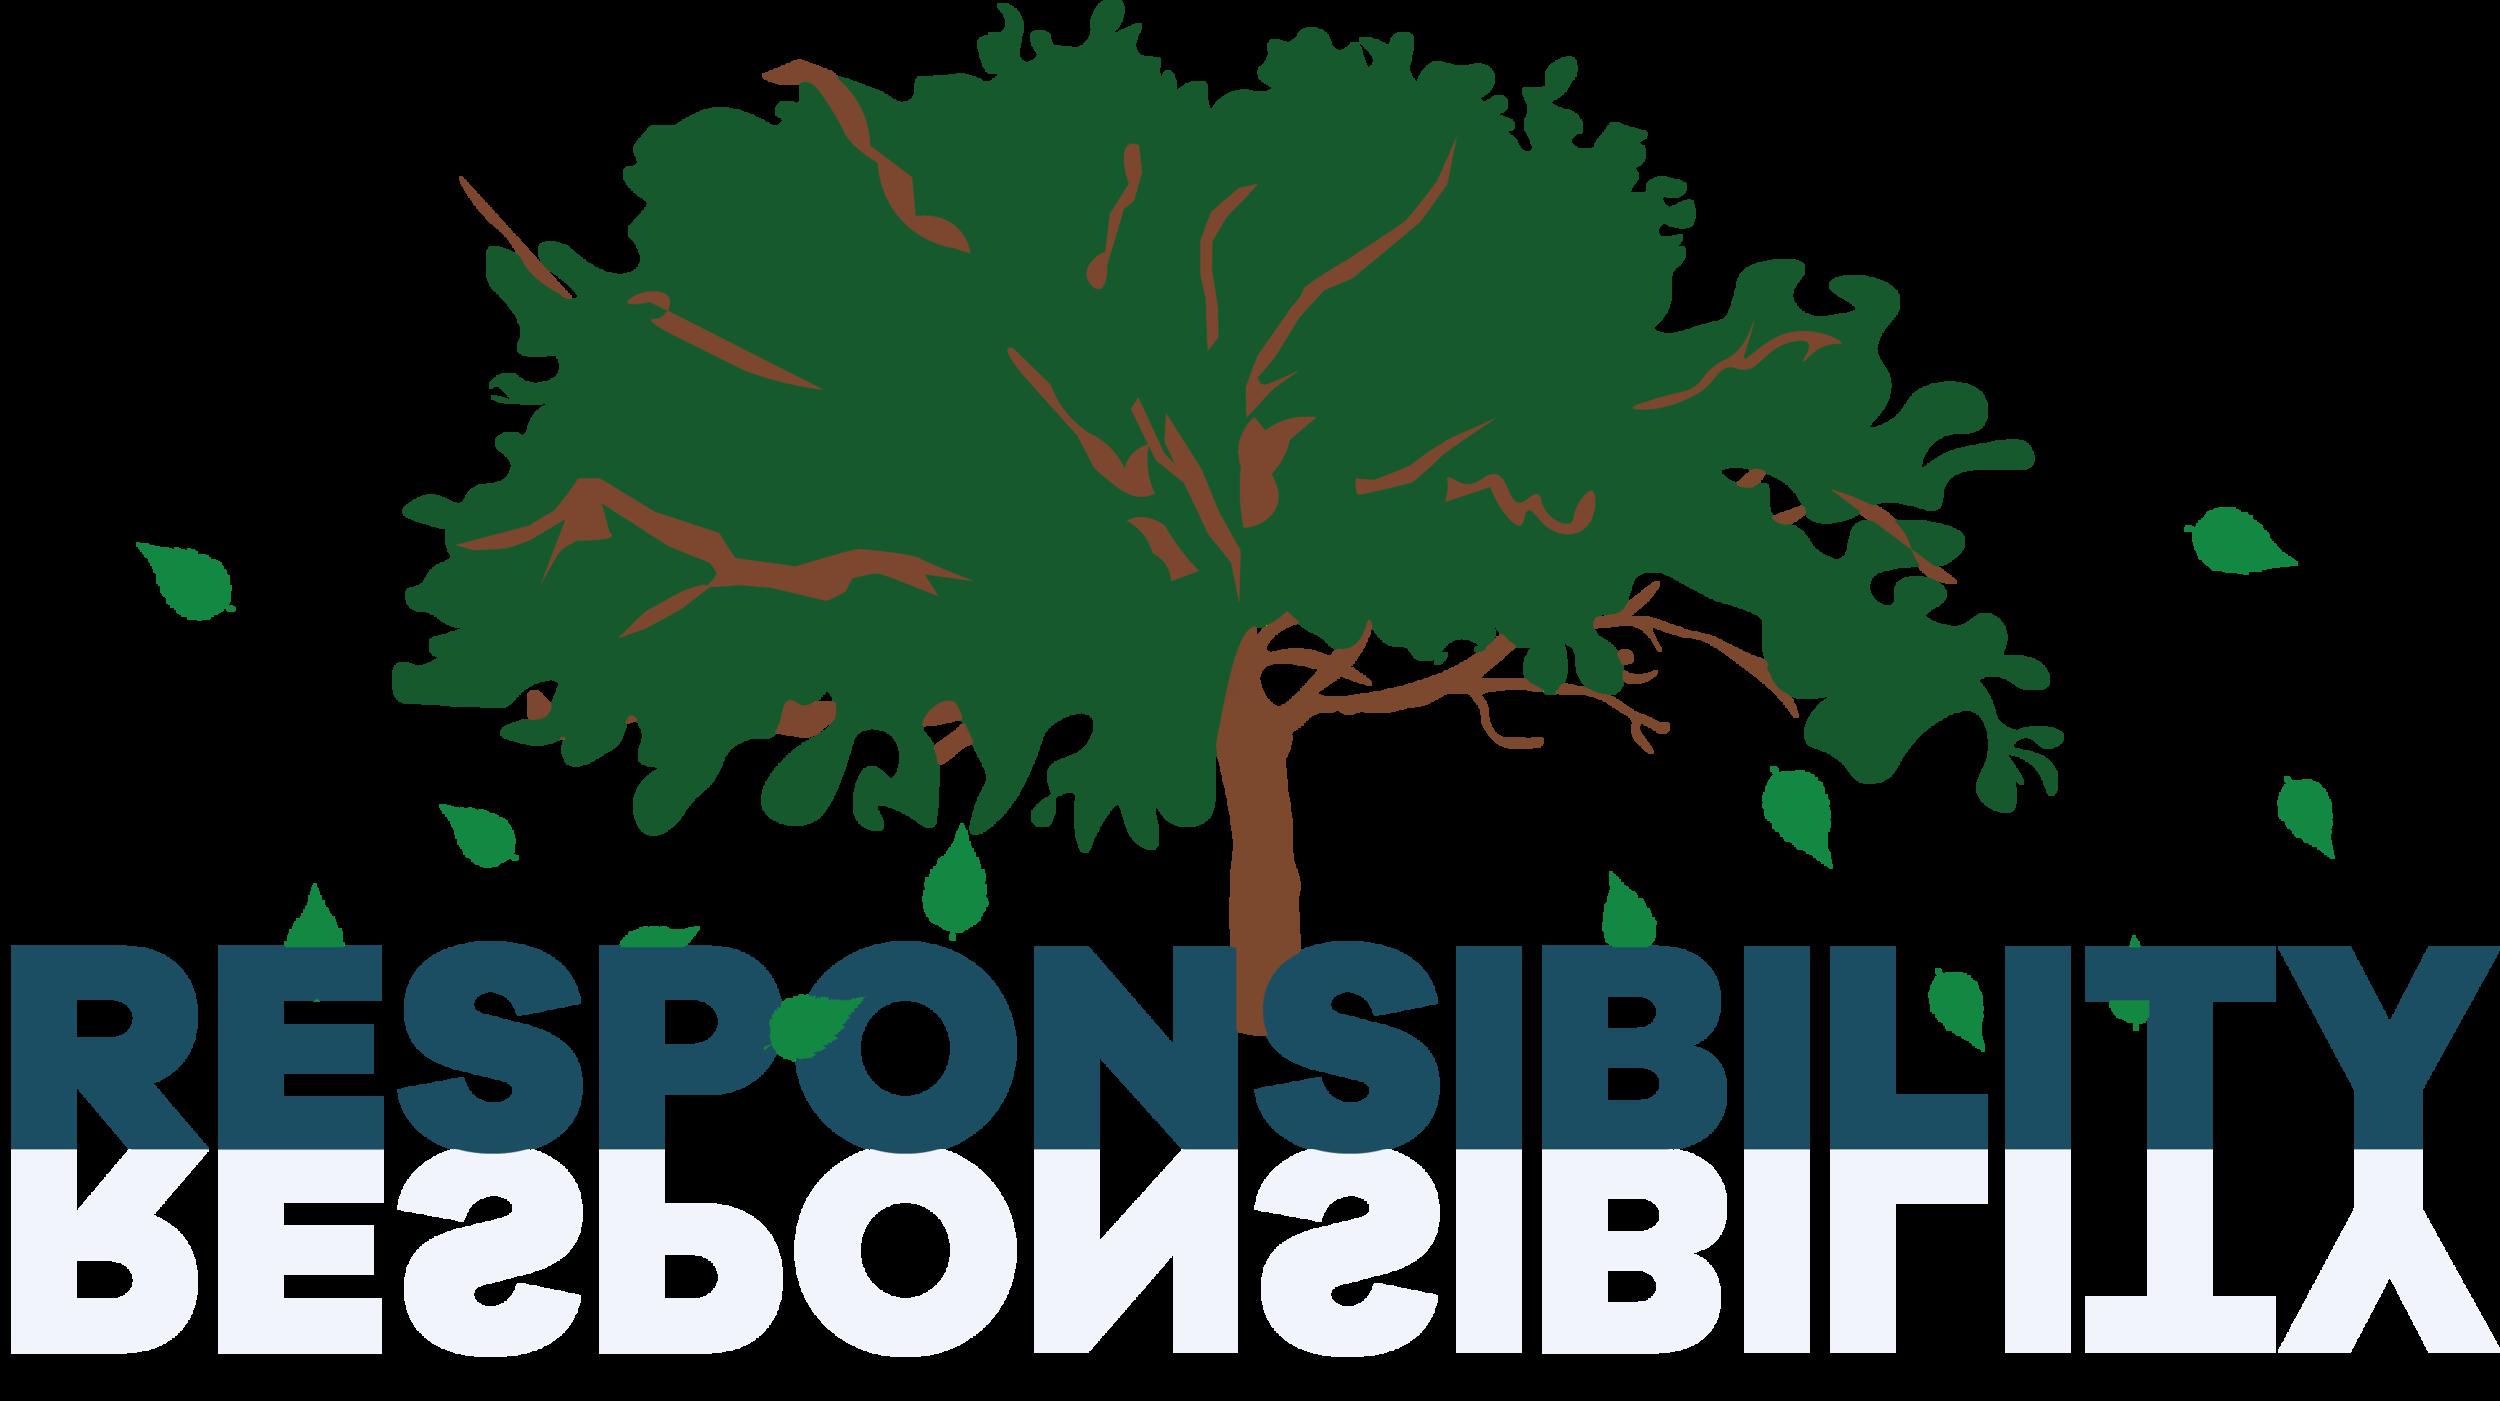 责任-我们觉得我们不仅对自然负责,也对我们的客户和消费者负责。为我们的客户提供易于使用的、消费者首选的可再生材料,我们可以加速迈向更美好世界的运动。